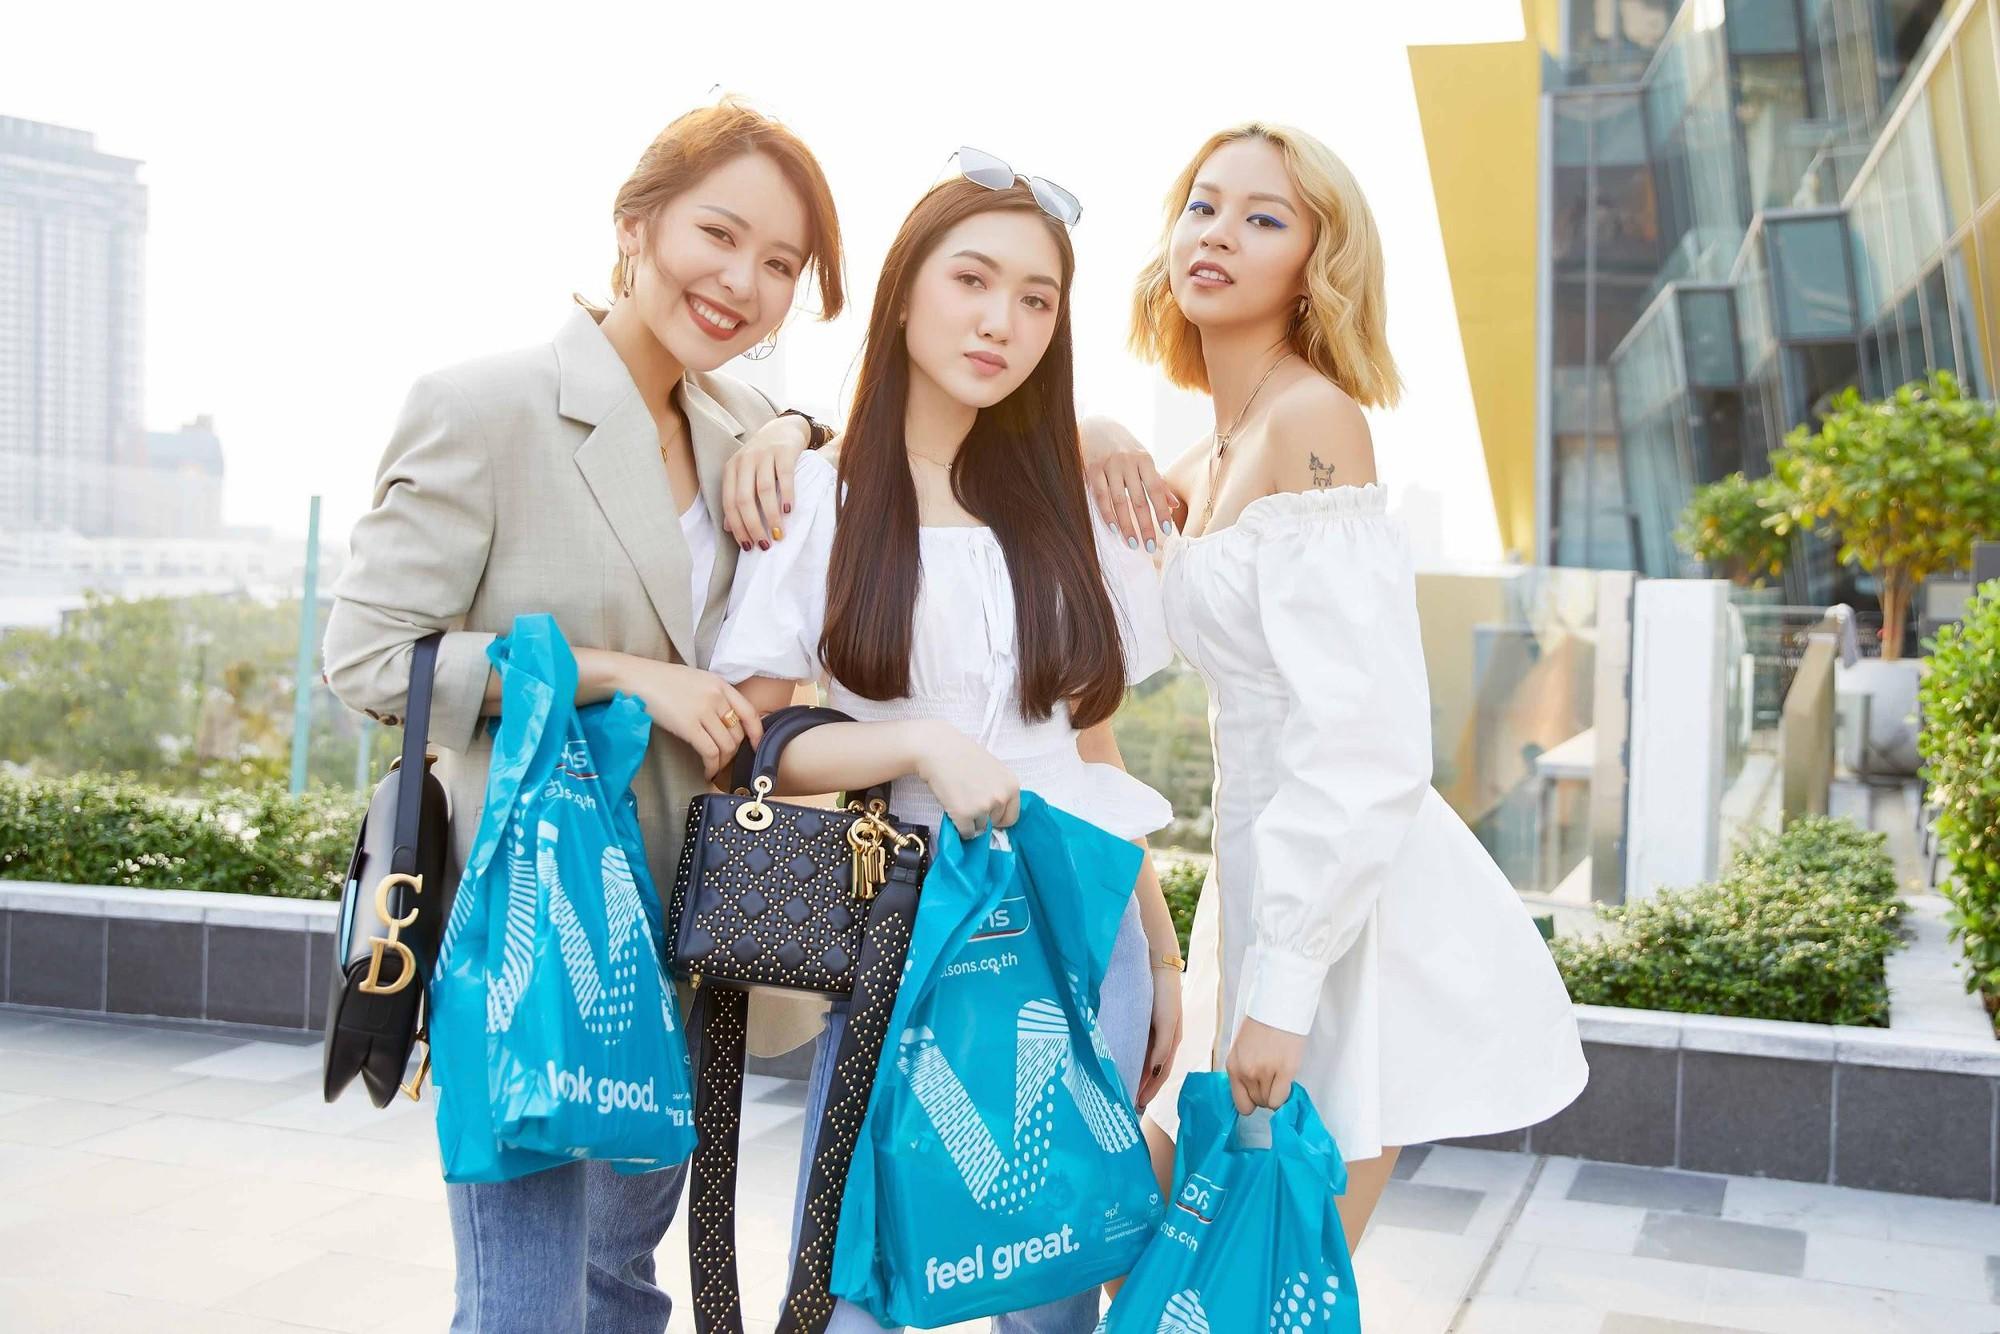 """Phí Phương Anh, An Phương và Chloe Nguyễn bị """"mê hoặc"""" giữa một """"rừng"""" mỹ phẩm tại Watsons - Ảnh 6."""